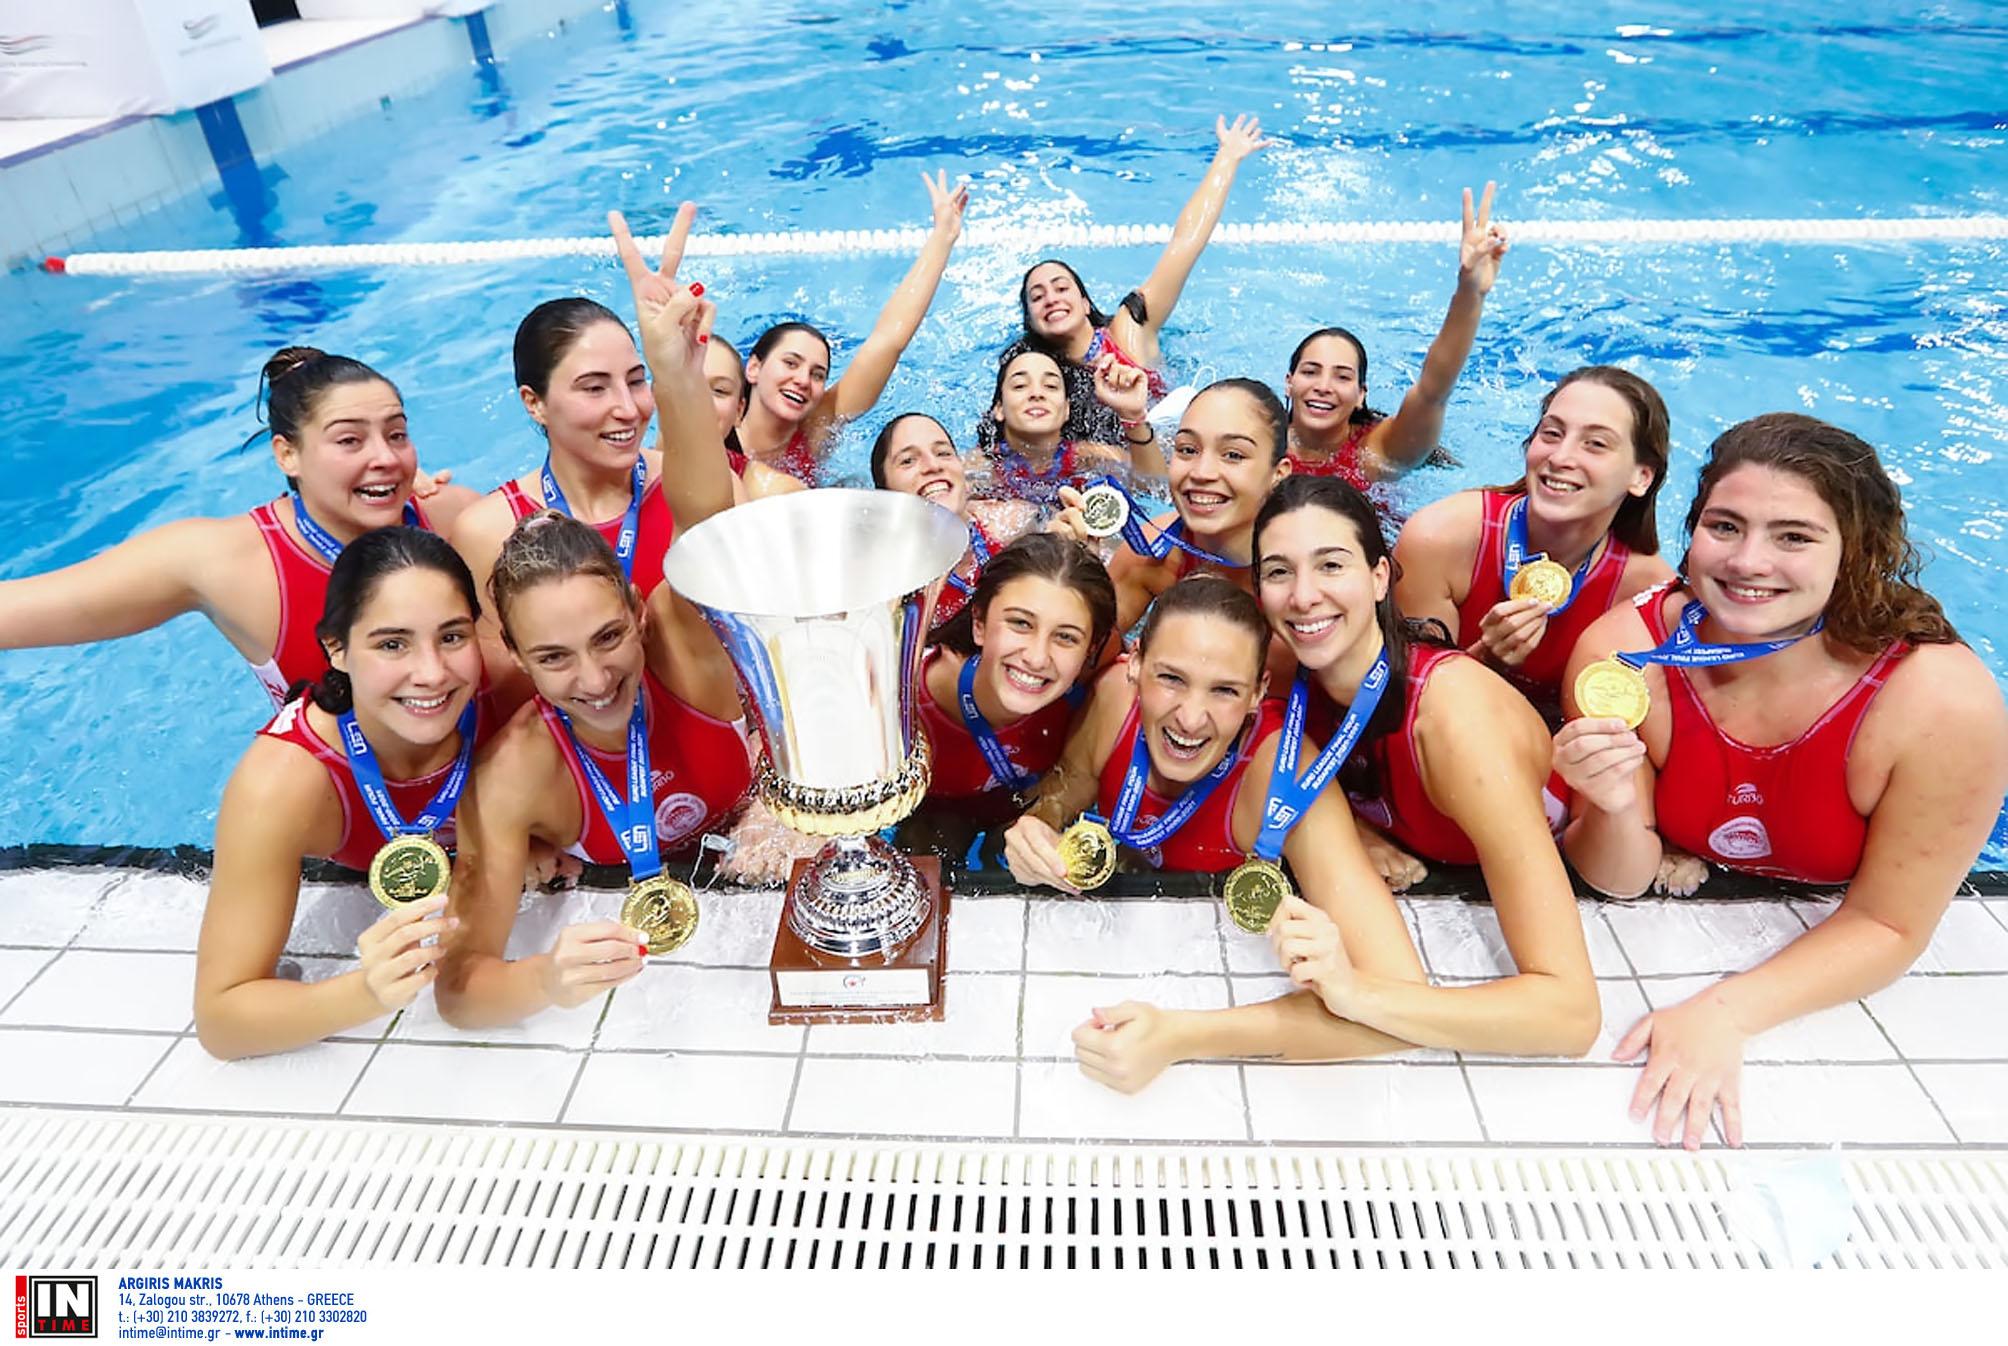 Ολυμπιακός: Την Δευτέρα (3/5) επιστρέφουν οι πρωταθλήτριες Ευρώπης – «Μας ένωσε η πανδημία»